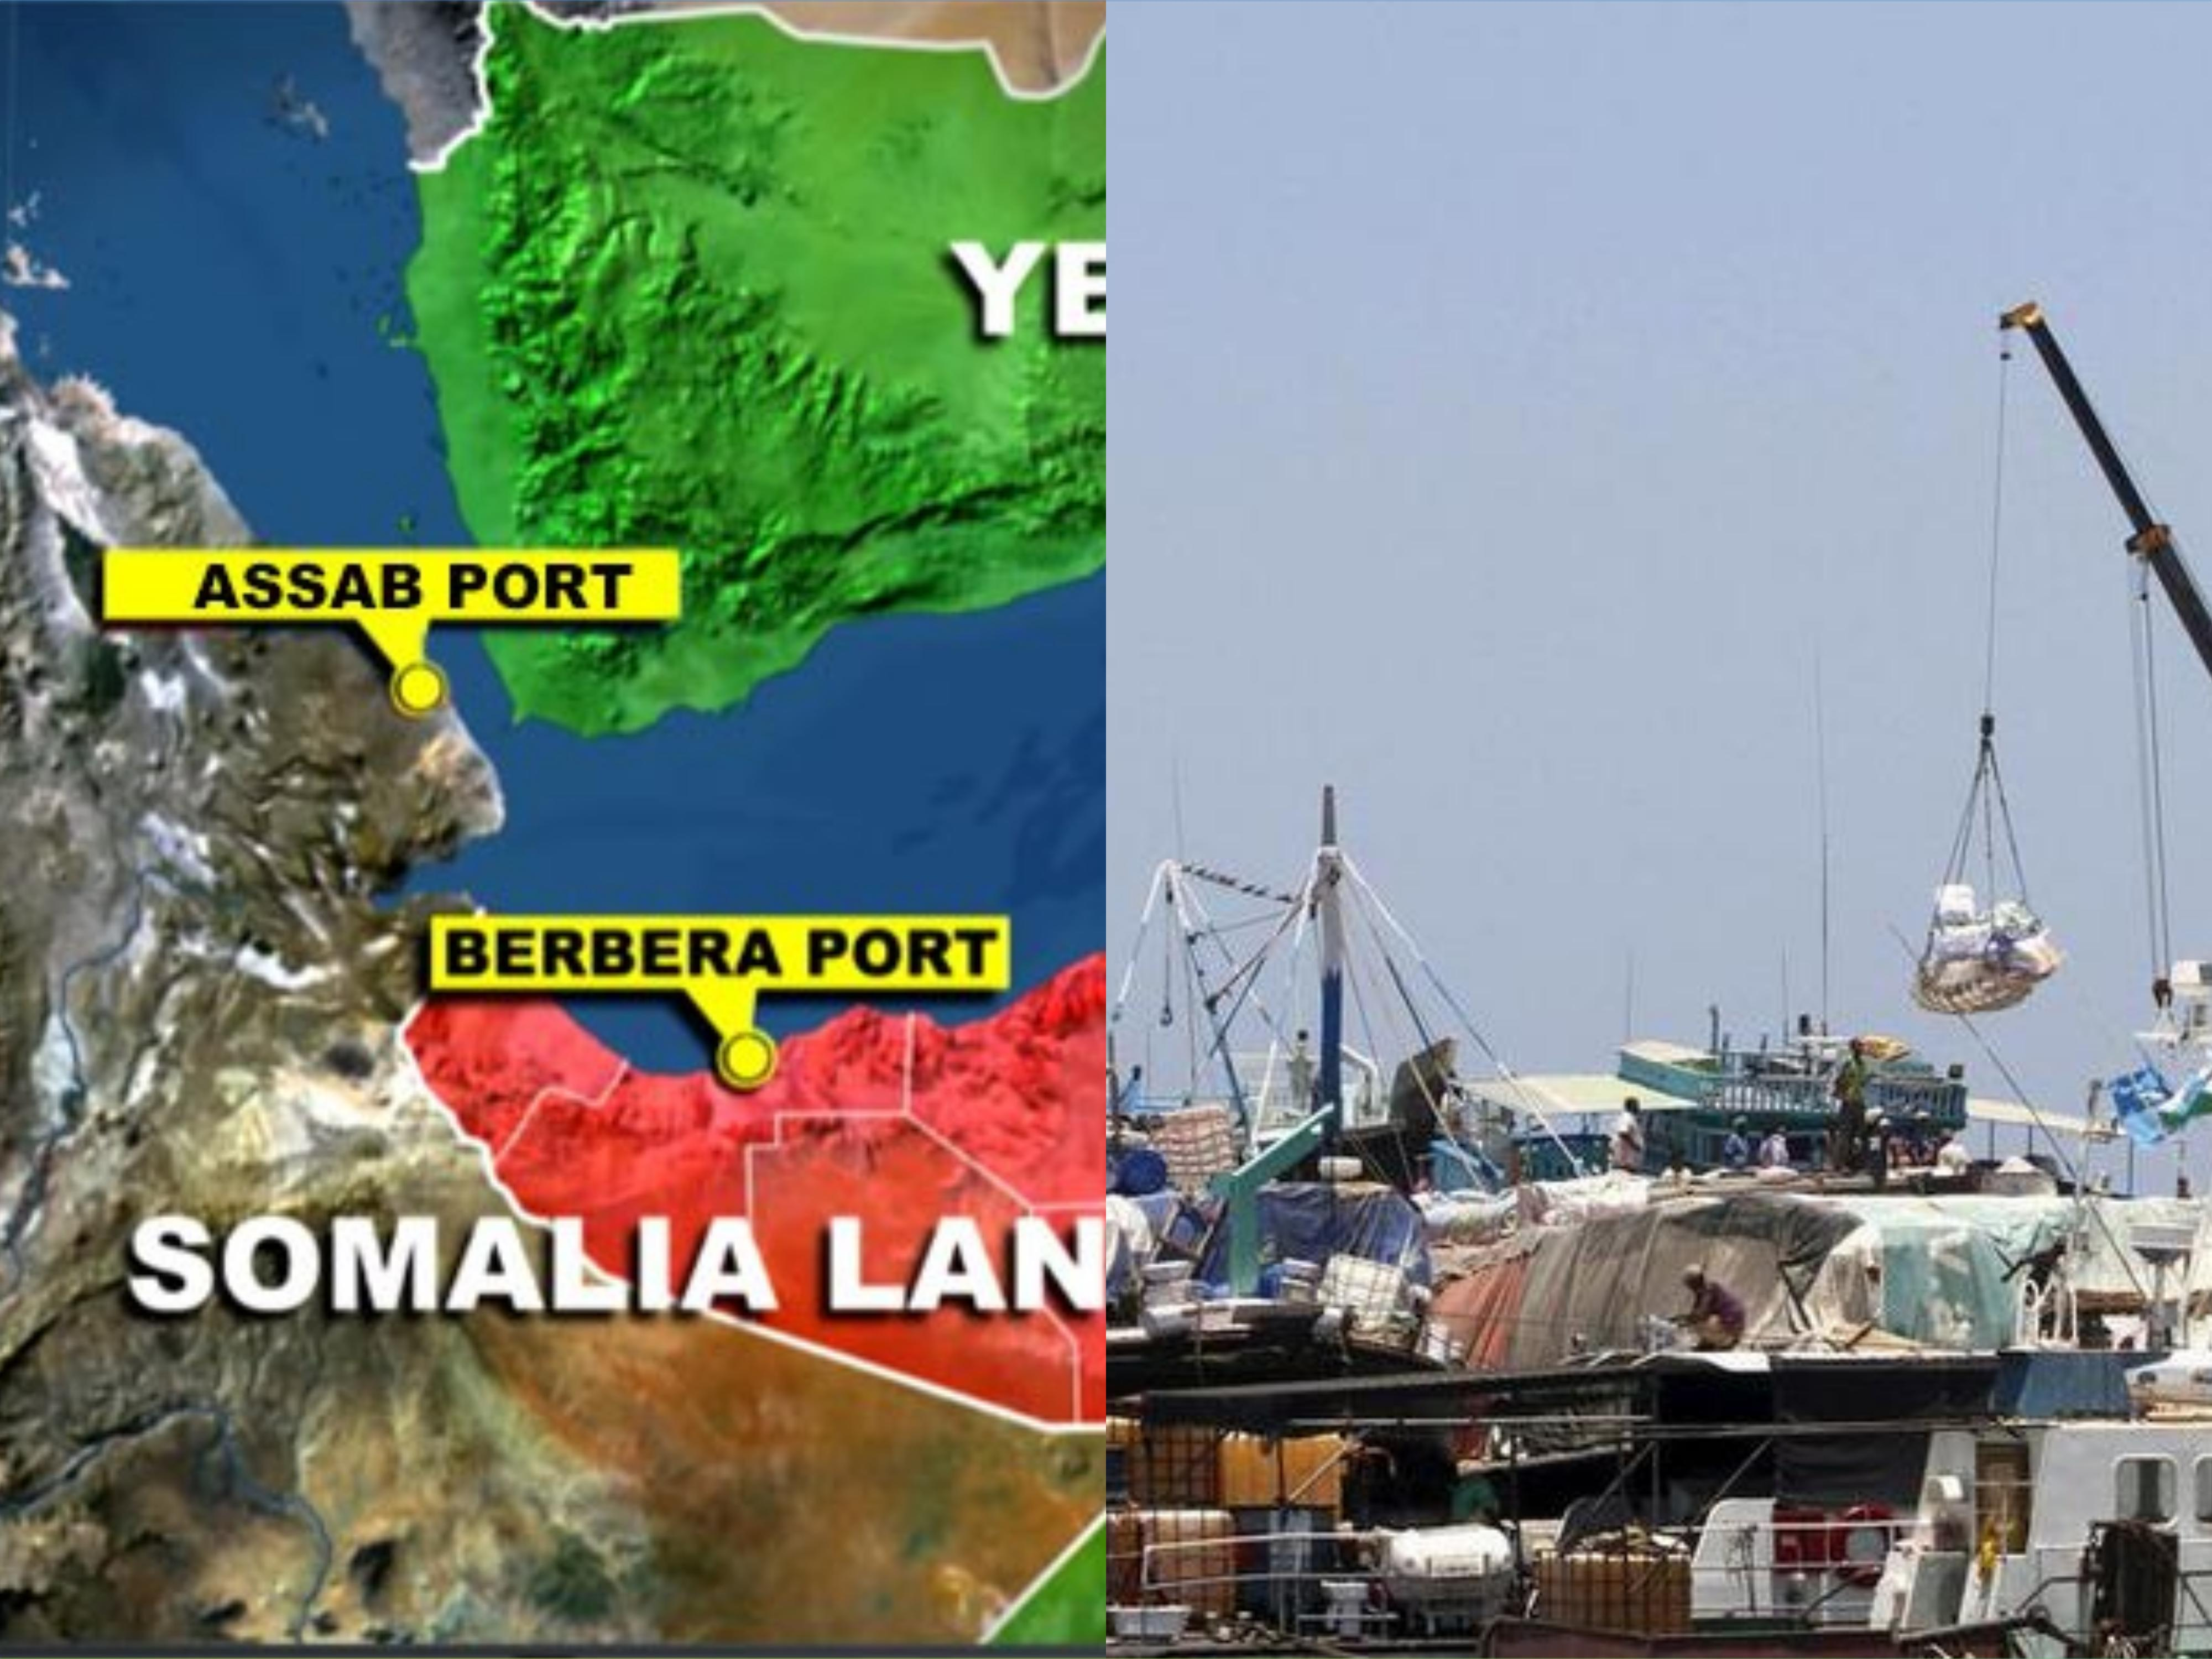 MAANHADAL: Saameyn noocee ah ayay ku lahaayeen badeecadaha ka imanjiray deegaanada Soomaaliland suuqa ganacsiga Puntland (dhegayso|daawo)